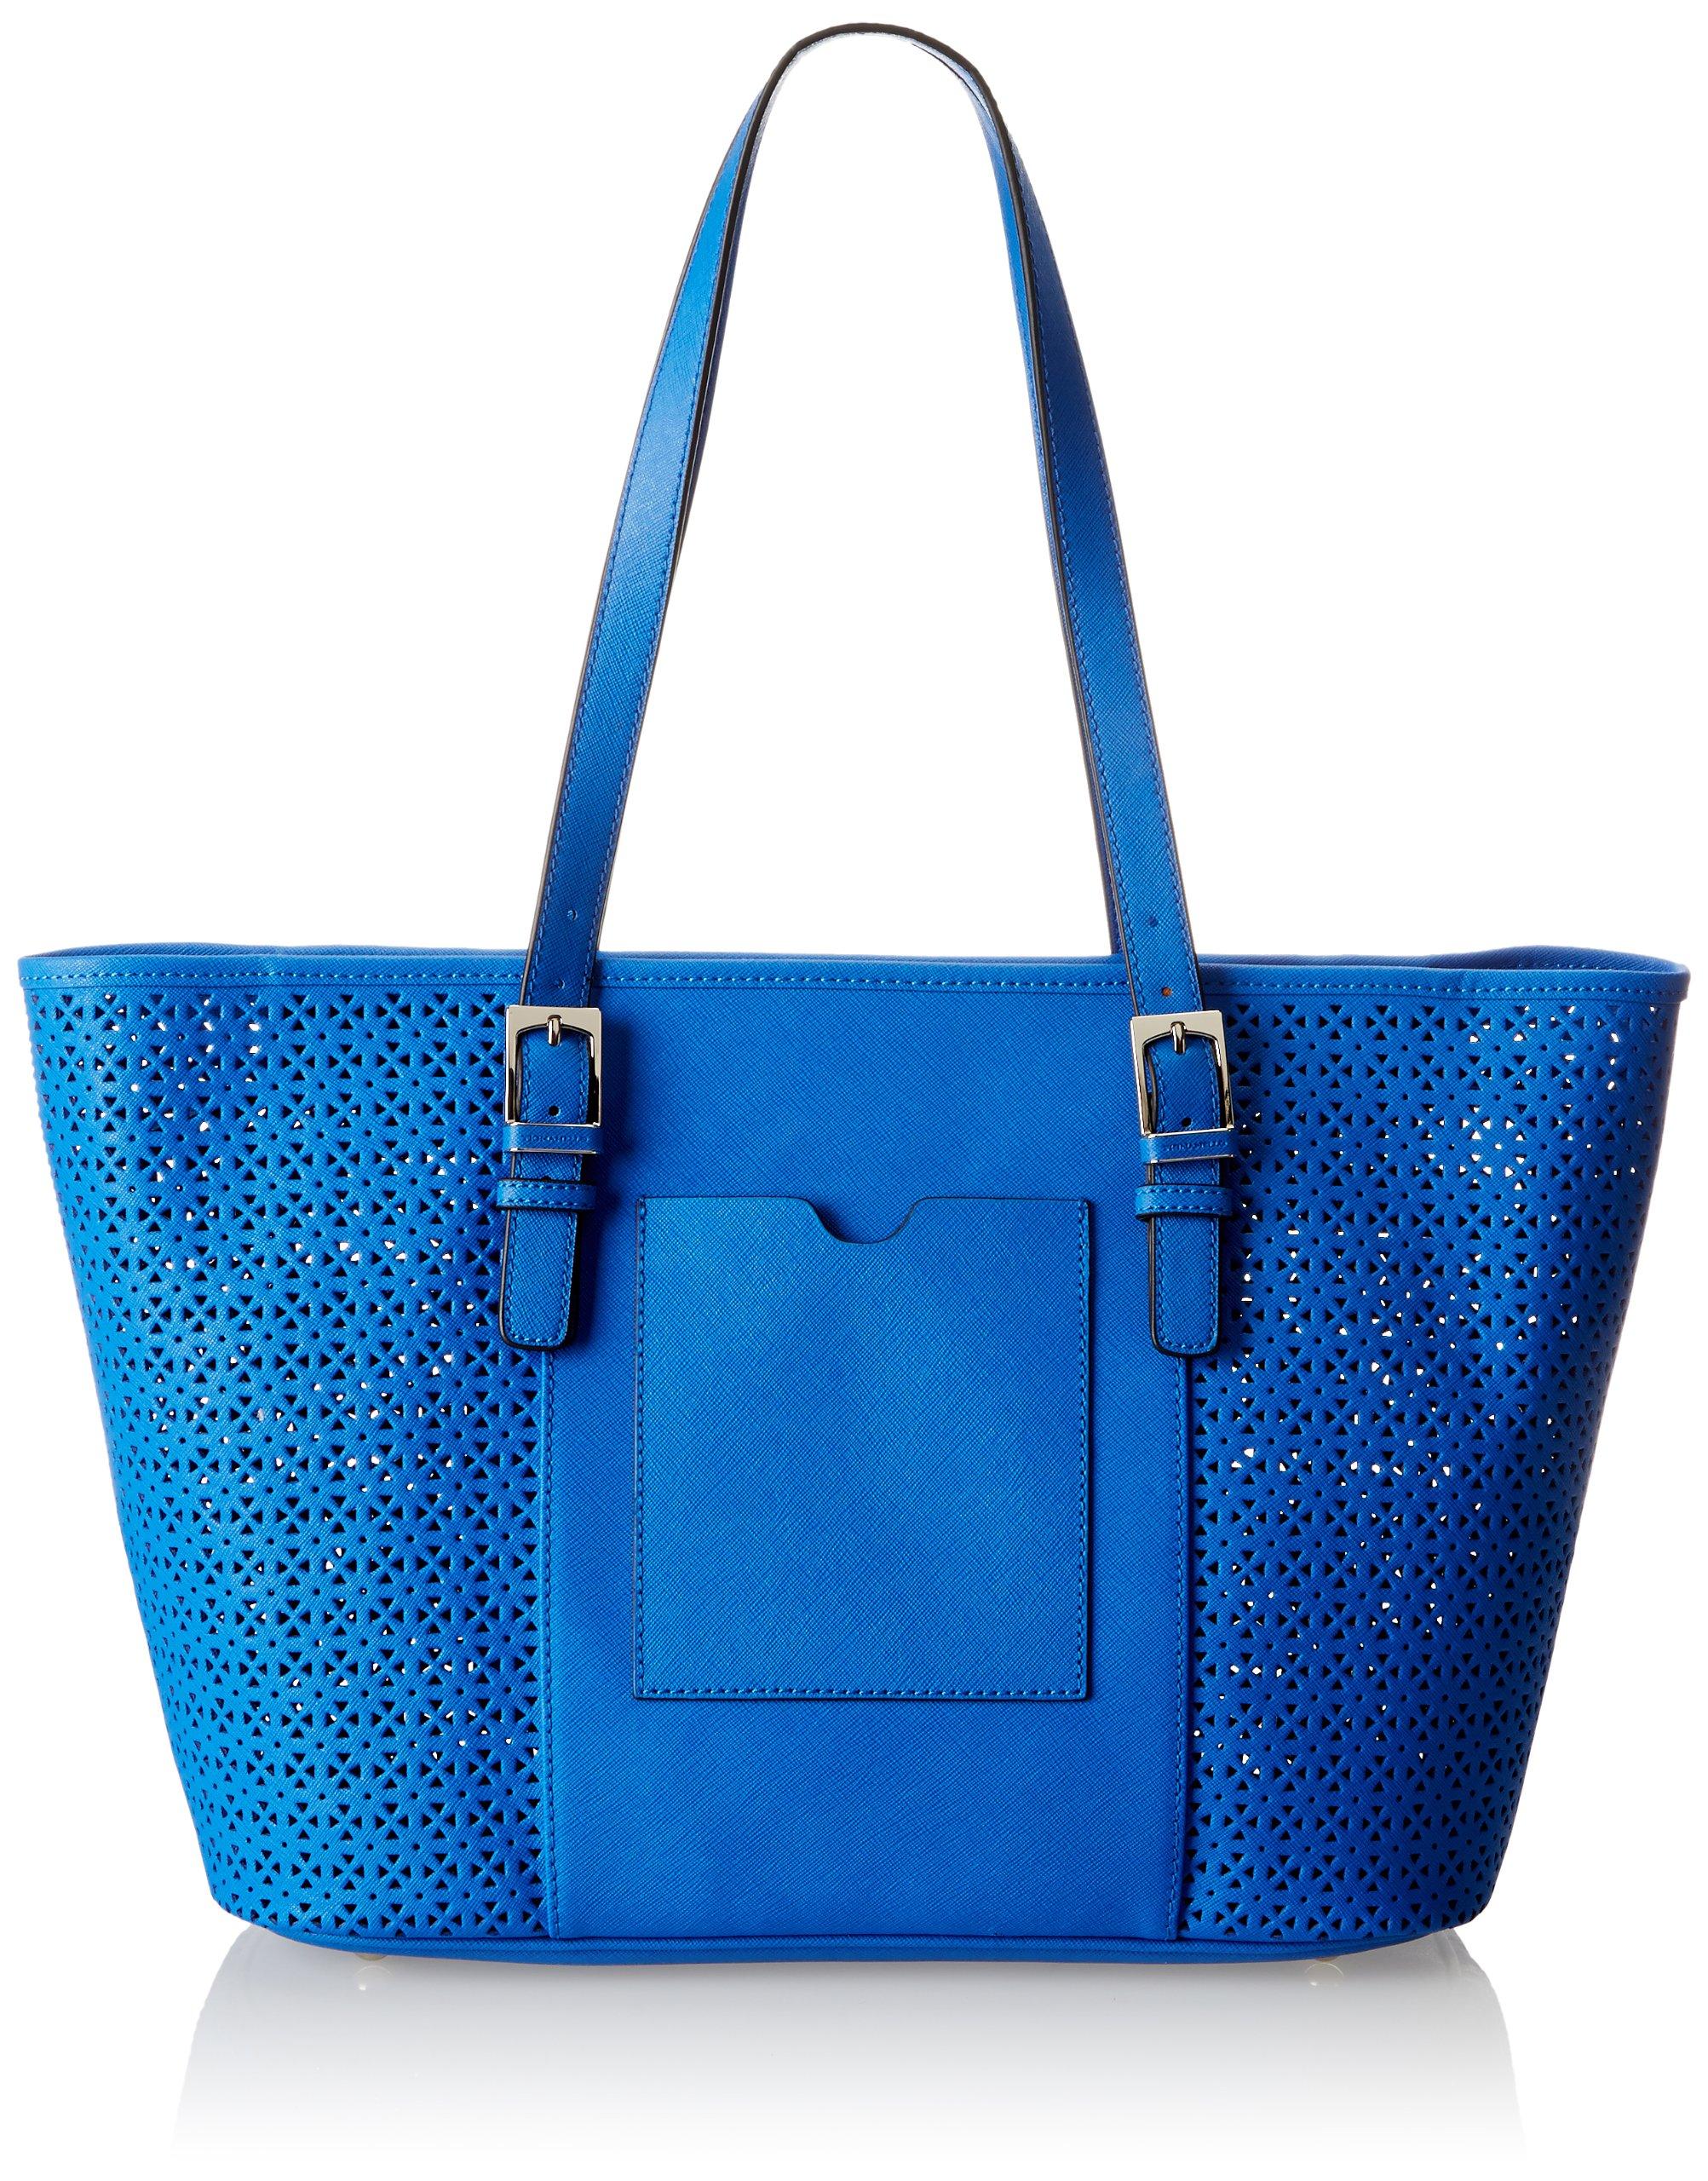 Tignanello Summer Lovin Perf Large Shoulder Bag,Royal,One Size